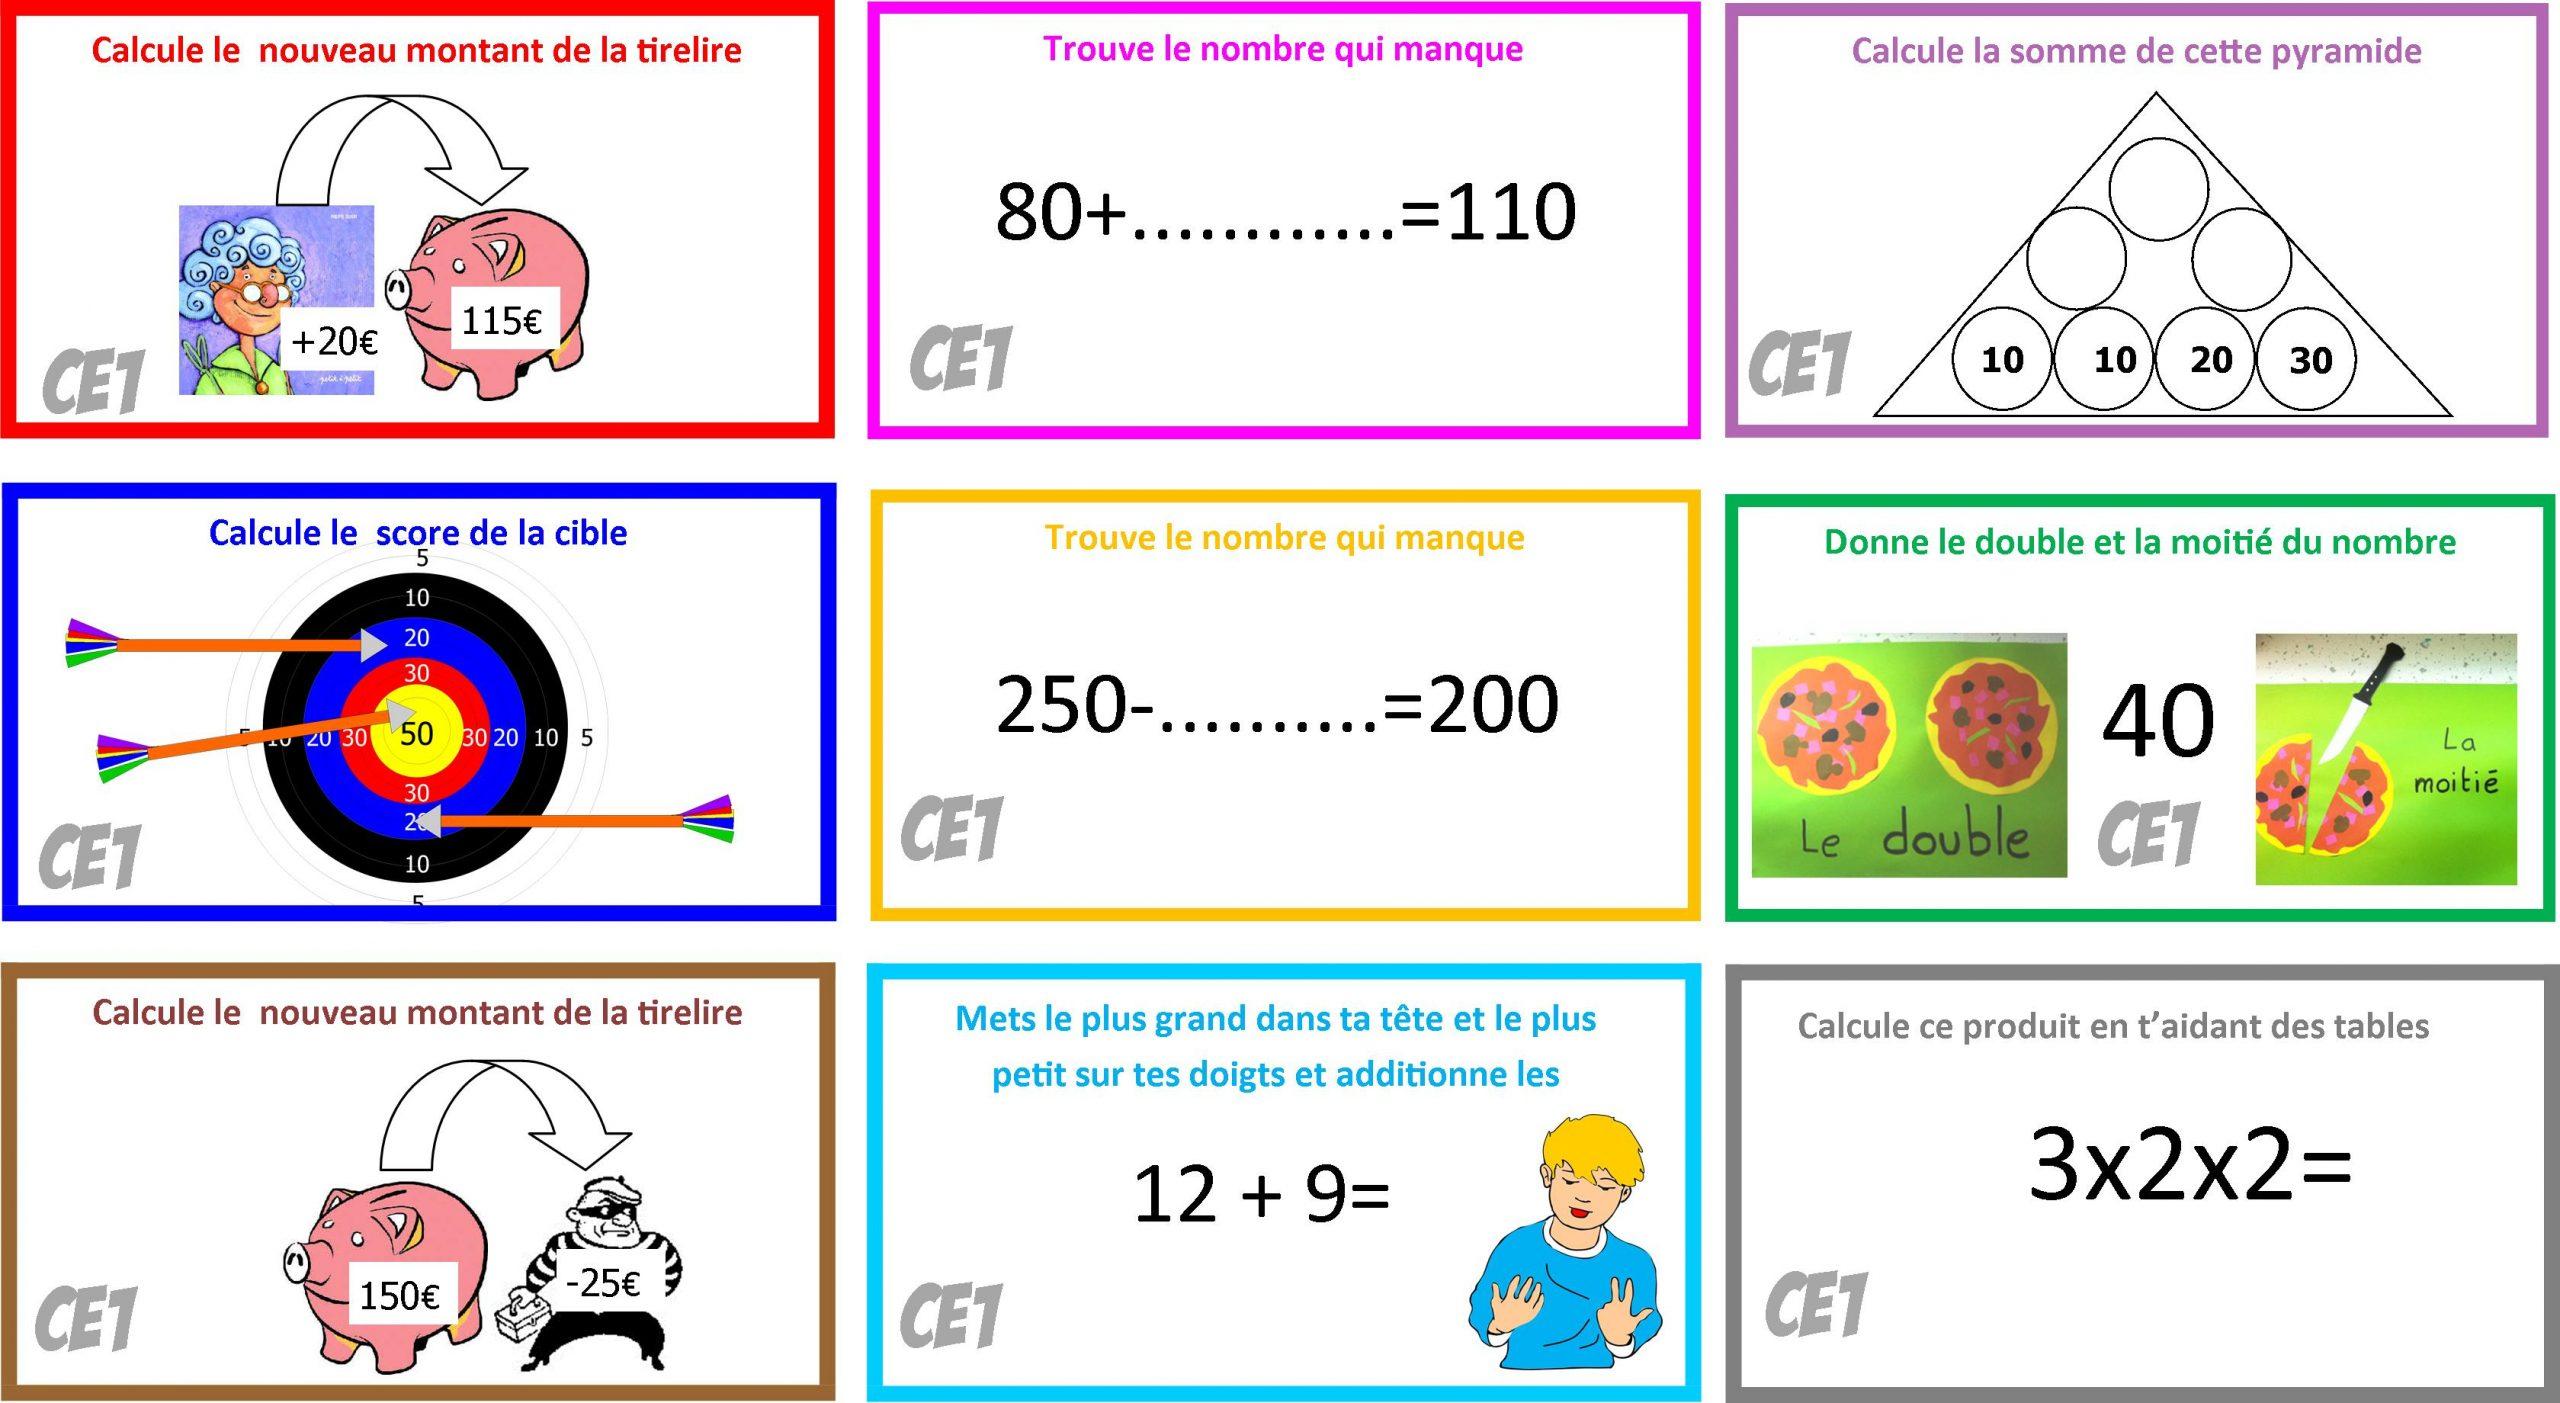 Jeu De Monsieur Mathieu | Le Blog De Monsieur Mathieu dedans Jeux De Matematique